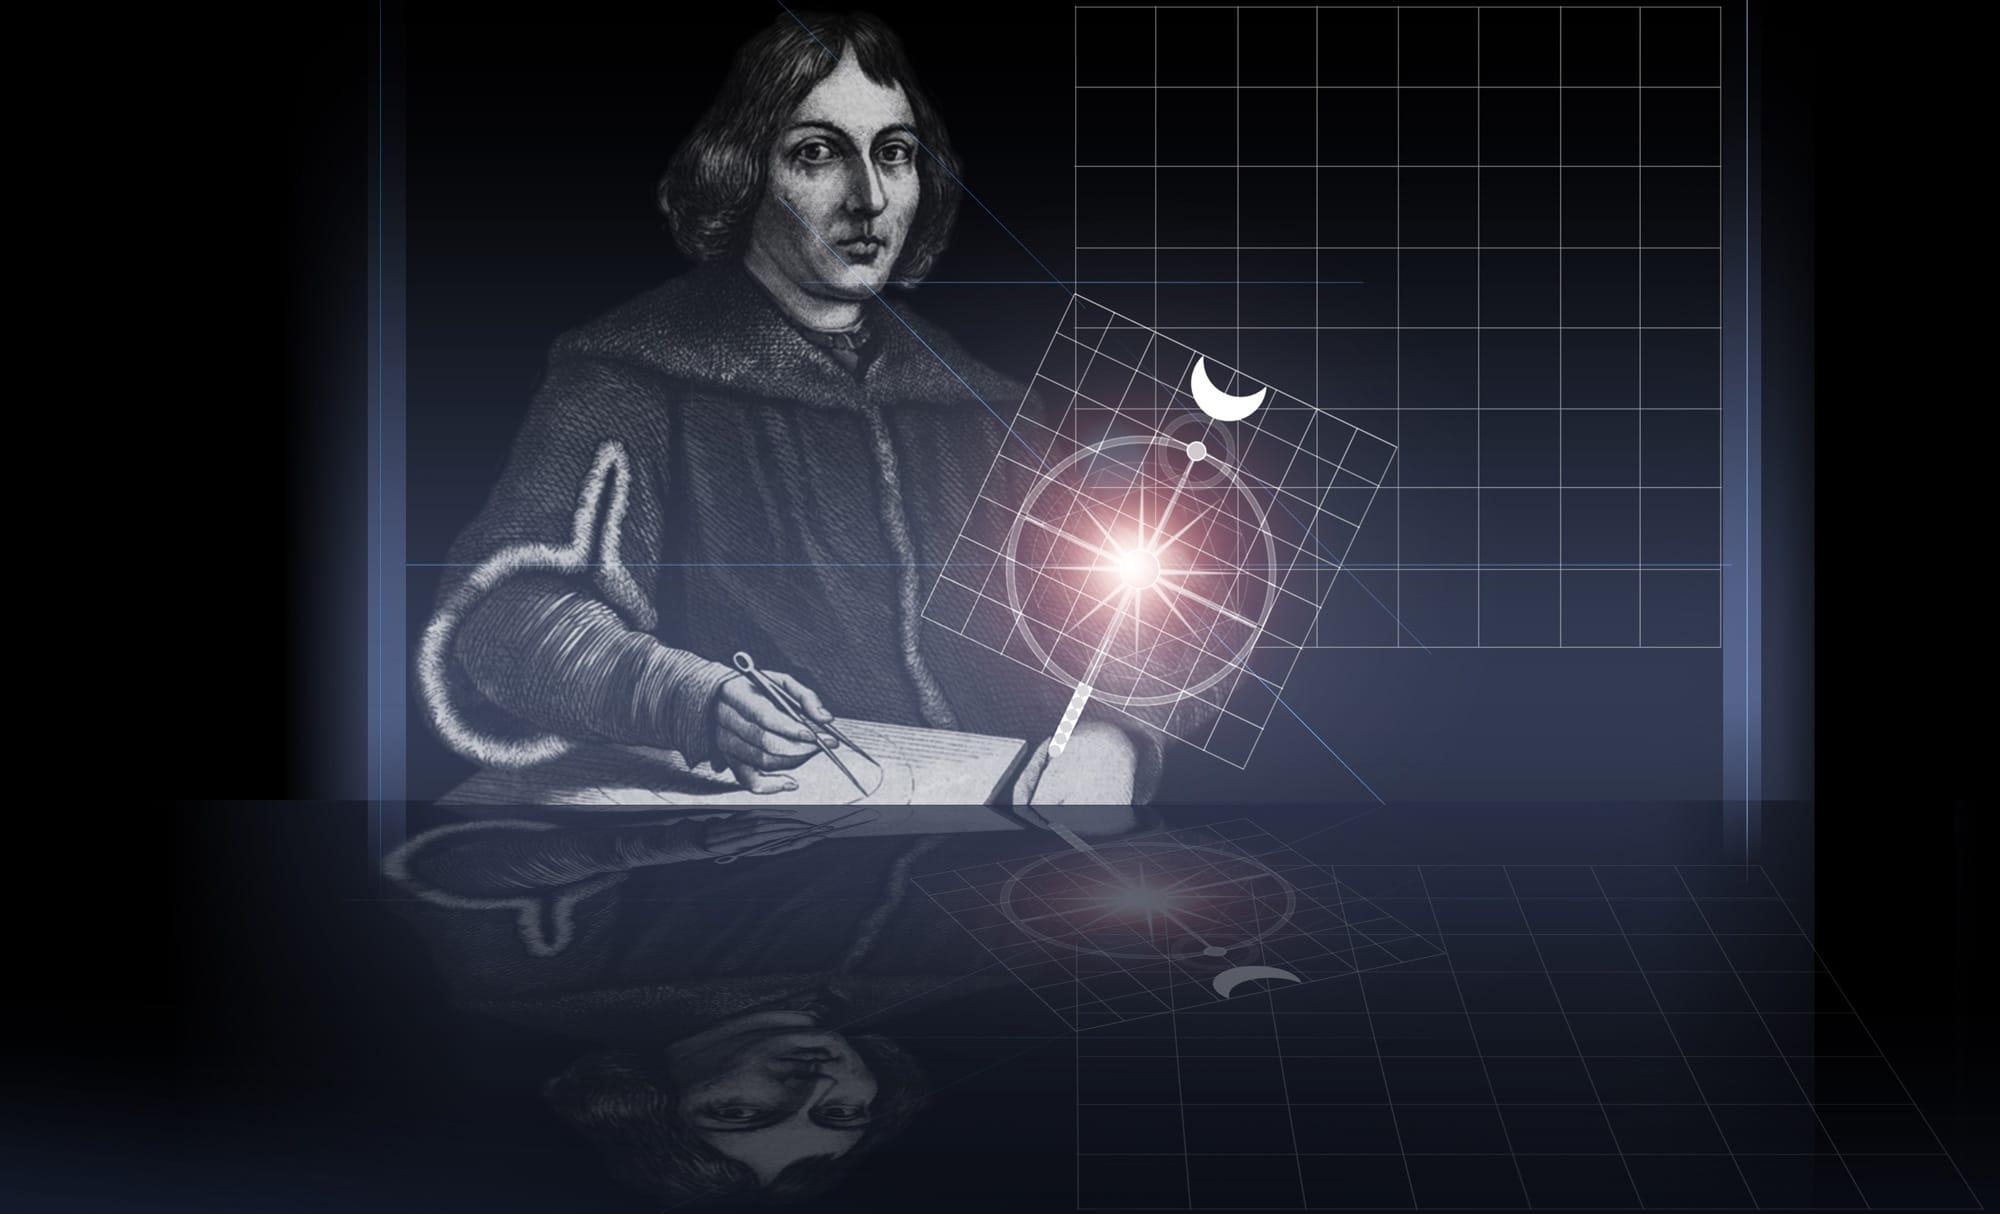 002Nicolas-Copernico_8981485113_o